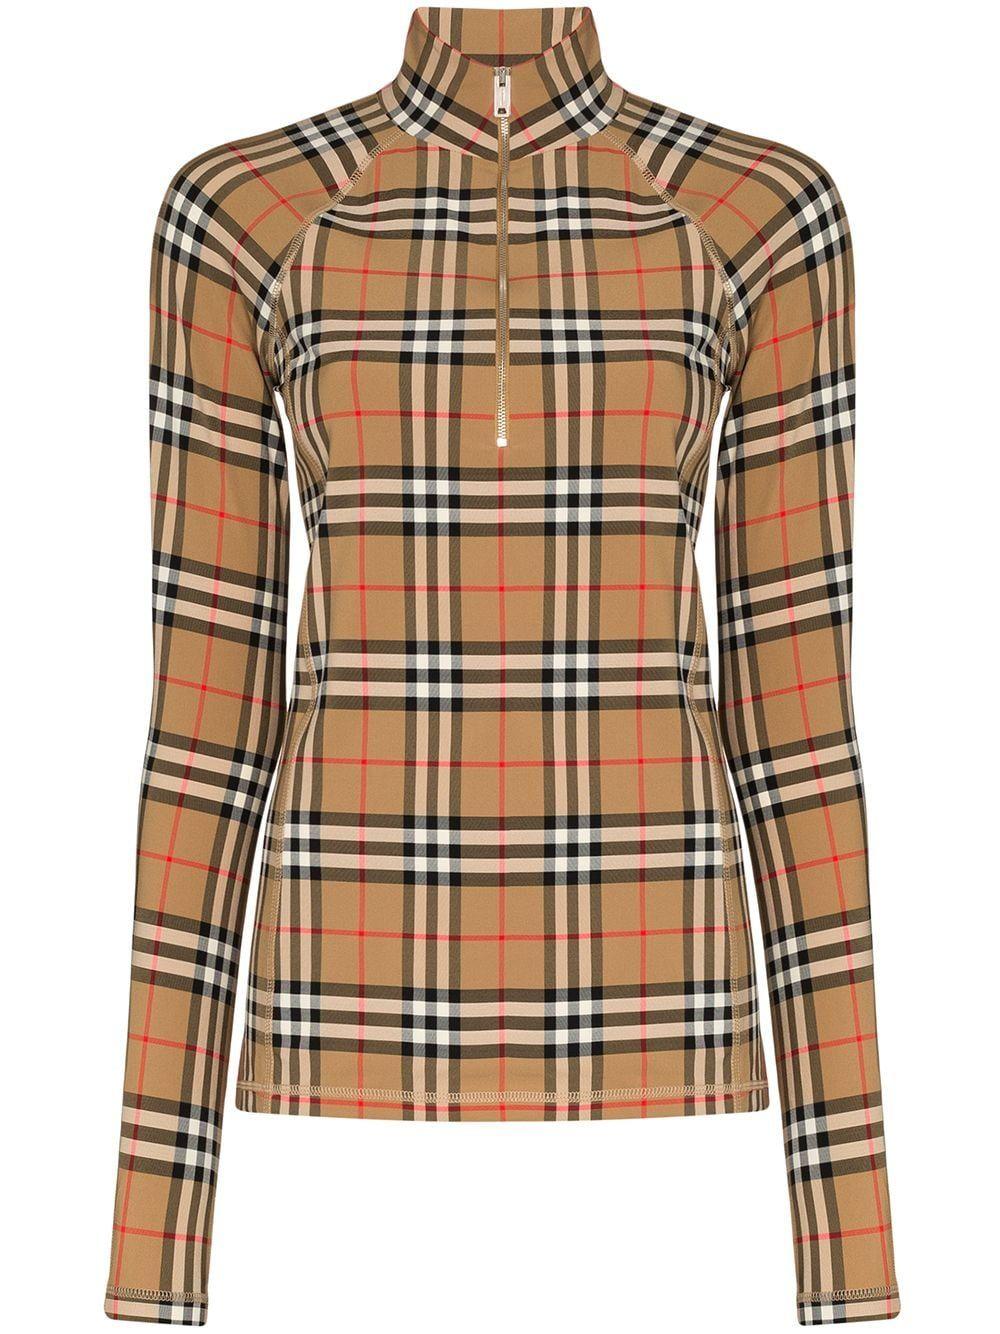 Baju Burberry